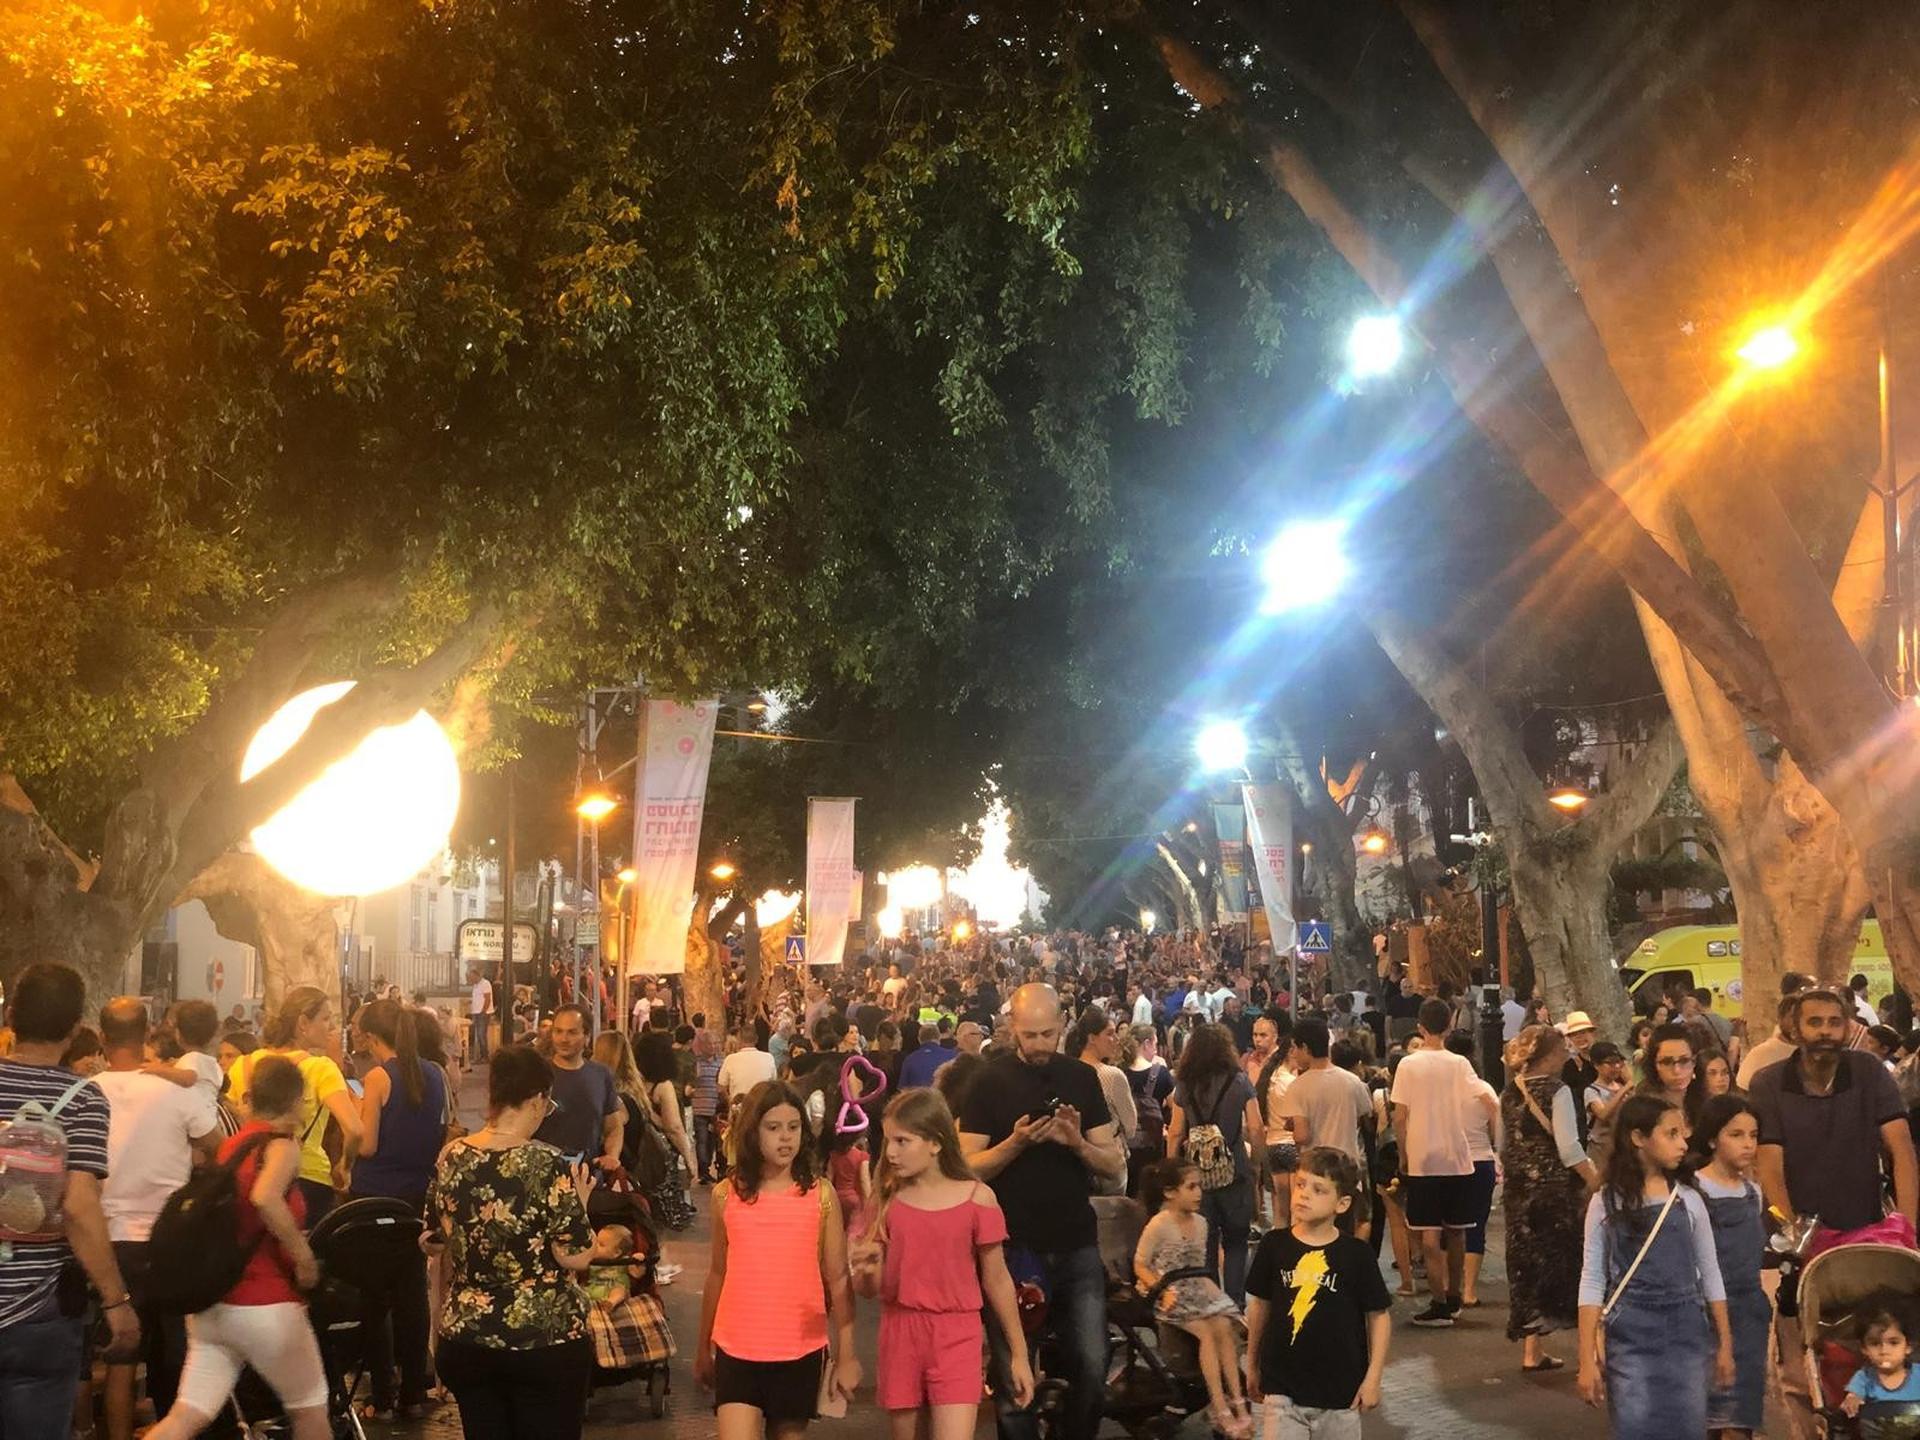 פסטיבל הפסלים ברחובות | צילום: דוברות העירייה